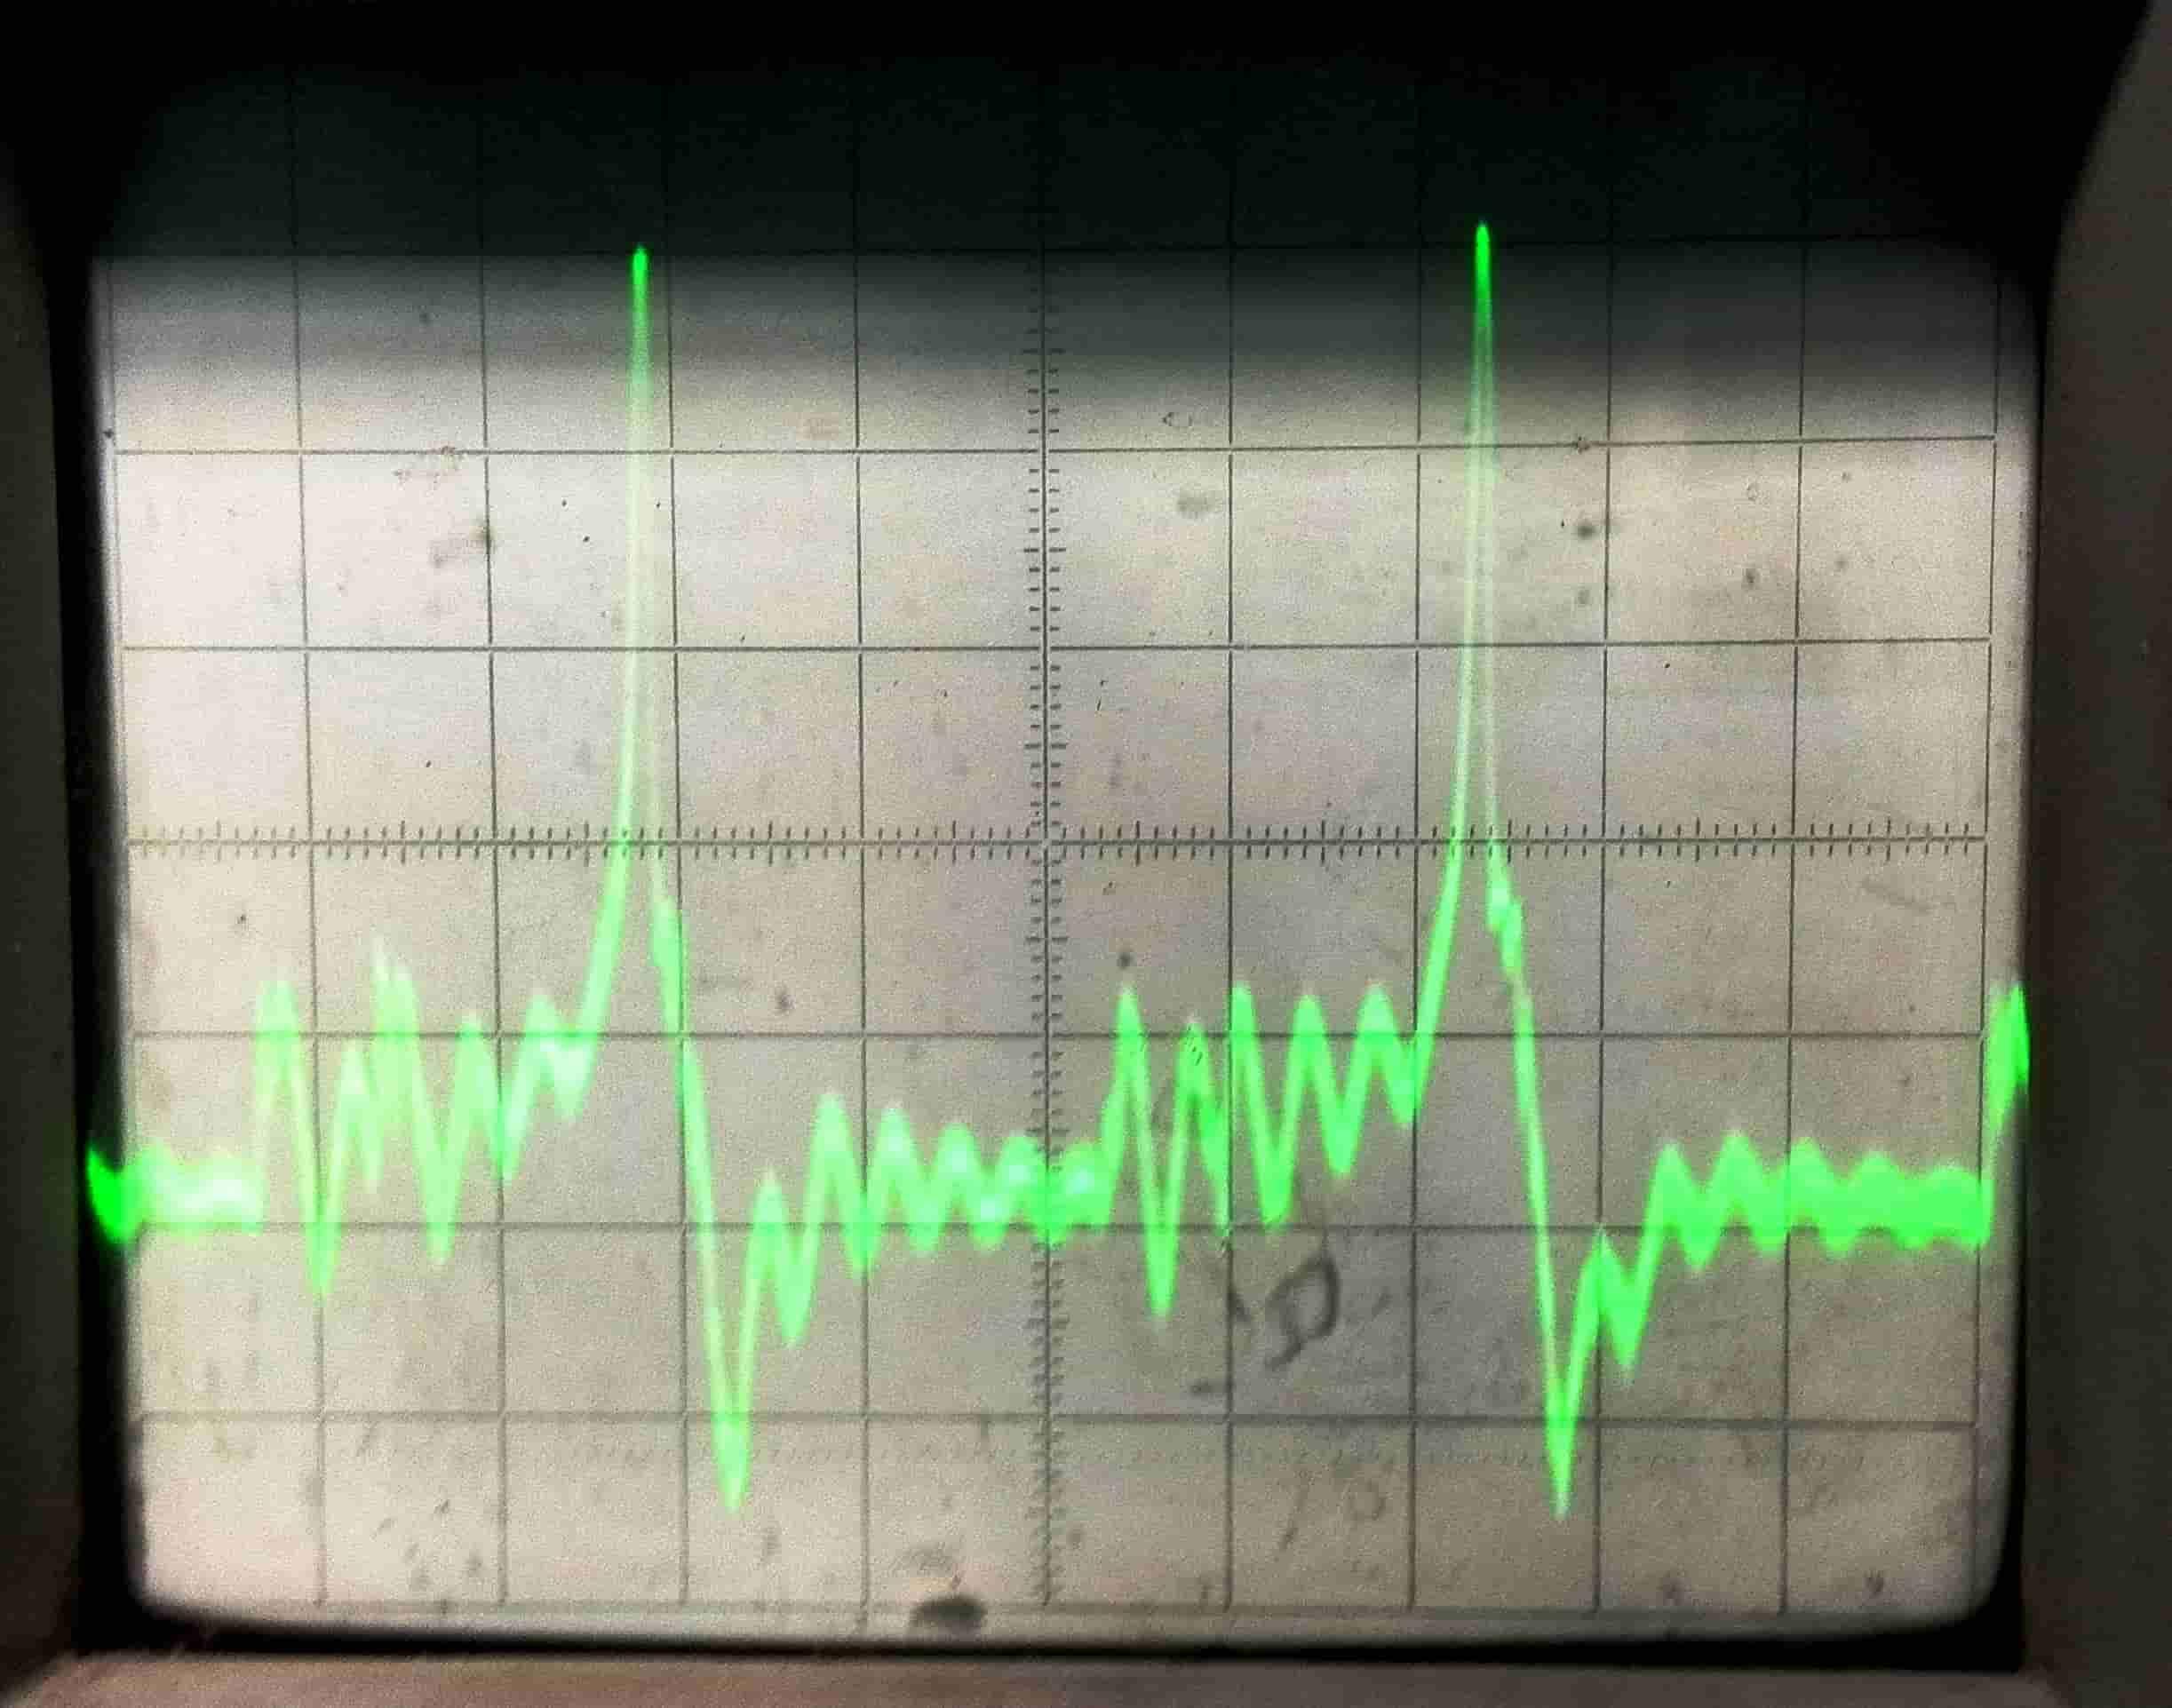 Диаграмма выходного напряжения в режиме стабилизации мощности, 200В - 1кл